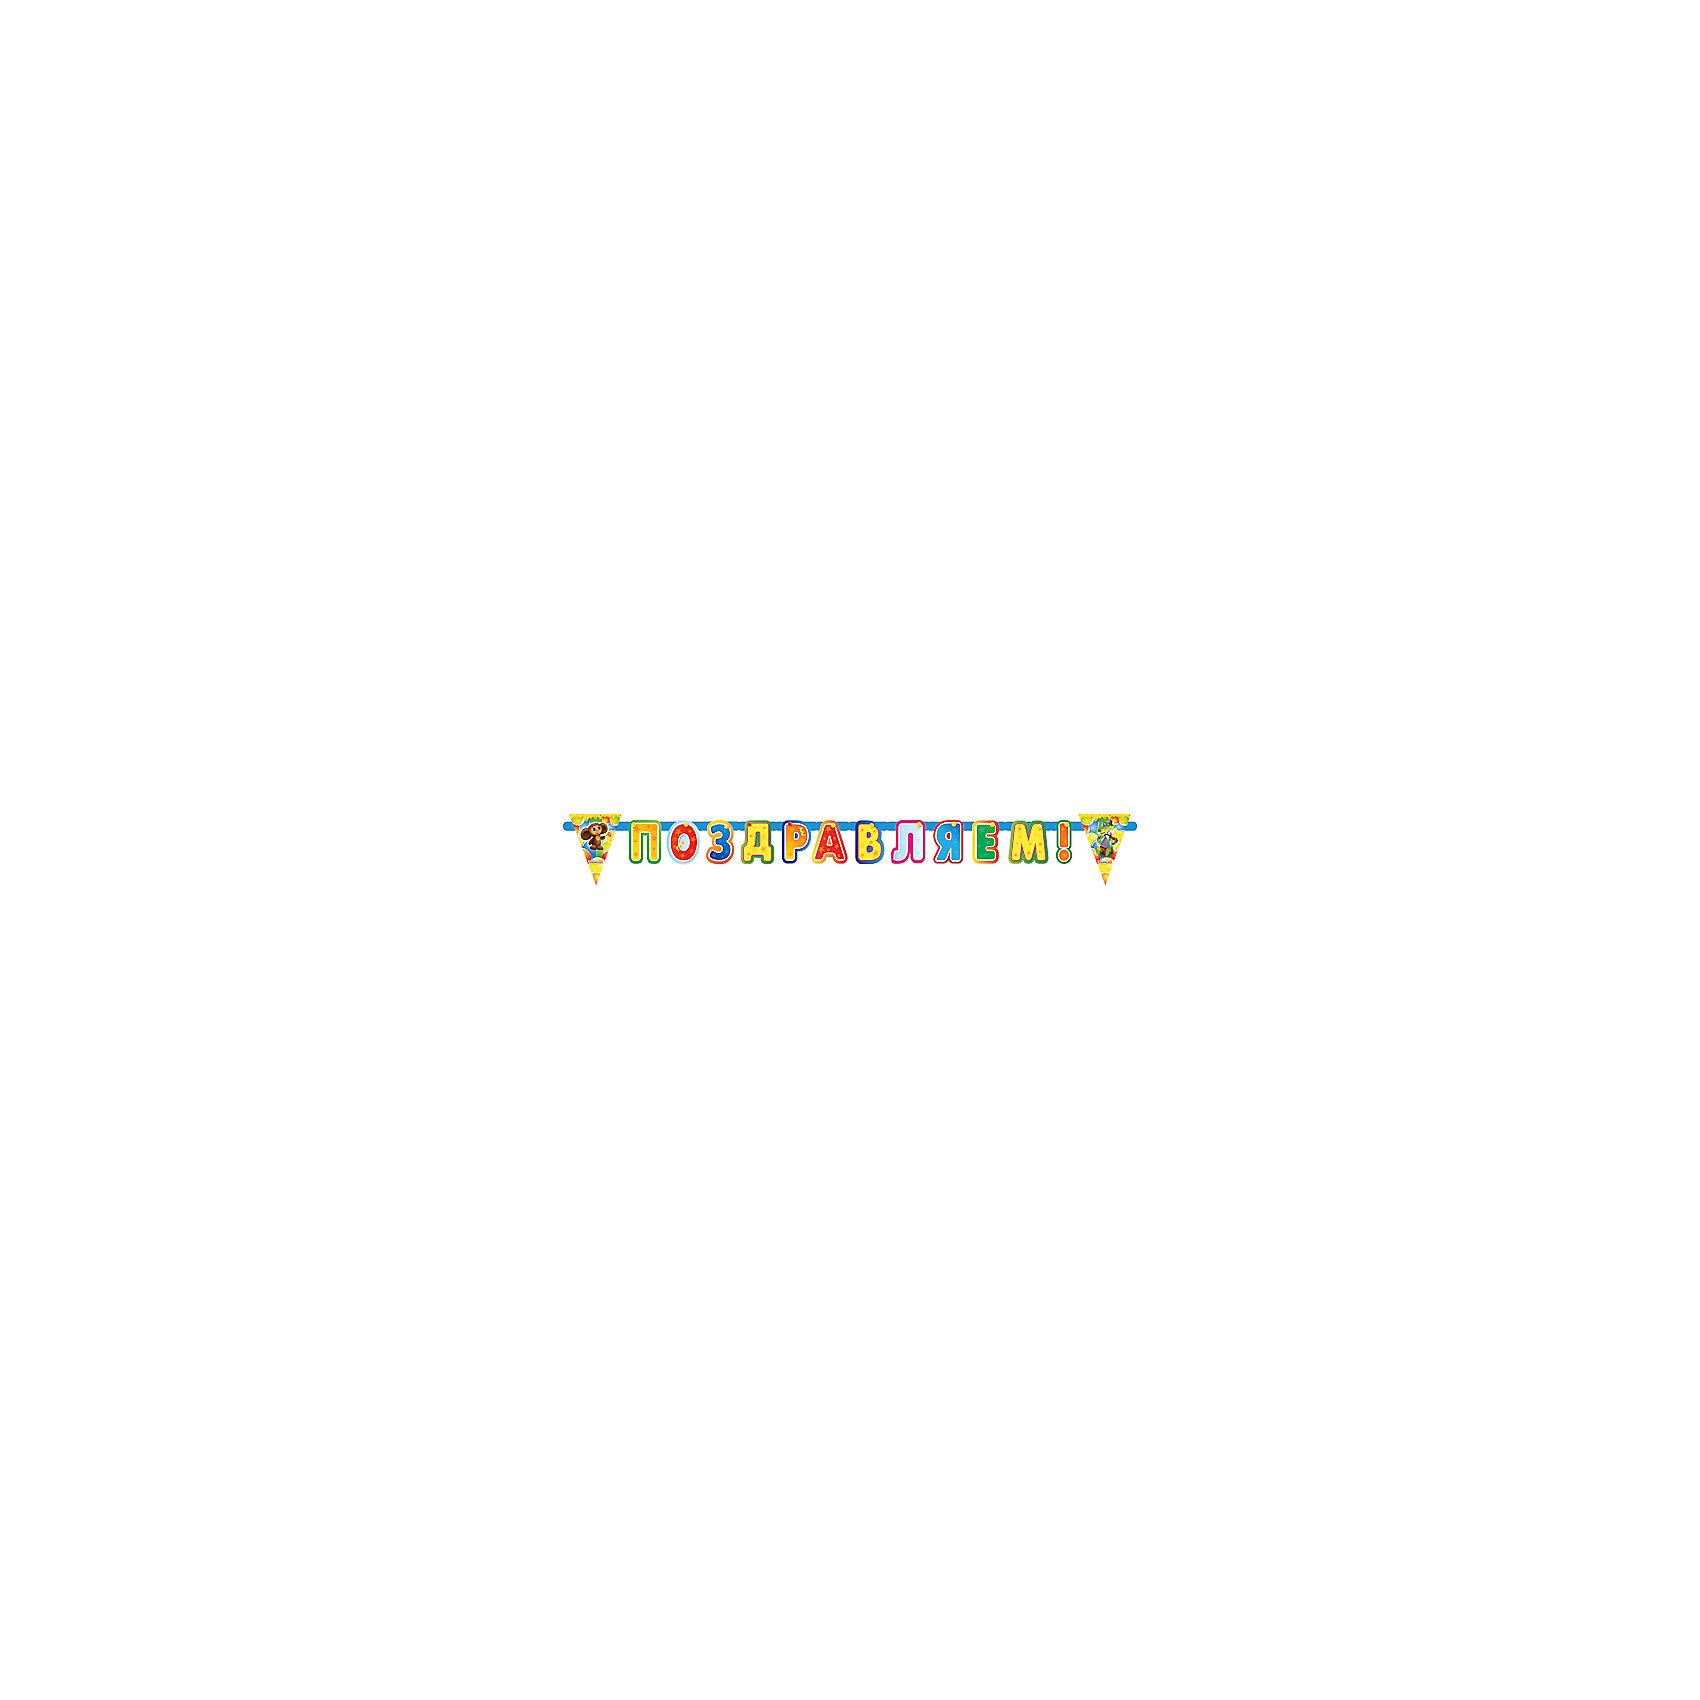 Гирлянда ЧебурашкаГирлянда Чебурашка создаст праздничное настроение на любом торжестве!<br><br>Дополнительная информация:<br><br>- Материал: плотная бумага.<br>- Размер гирлянды: 2 м.<br>- Размер упаковки: 30х21х0,5 см.<br>- Вес в упаковке: 70 г.<br><br>Купить гирлянду Чебурашка можно в нашем магазине.<br><br>Ширина мм: 30<br>Глубина мм: 21<br>Высота мм: 0<br>Вес г: 70<br>Возраст от месяцев: 12<br>Возраст до месяцев: 2147483647<br>Пол: Унисекс<br>Возраст: Детский<br>SKU: 4797430